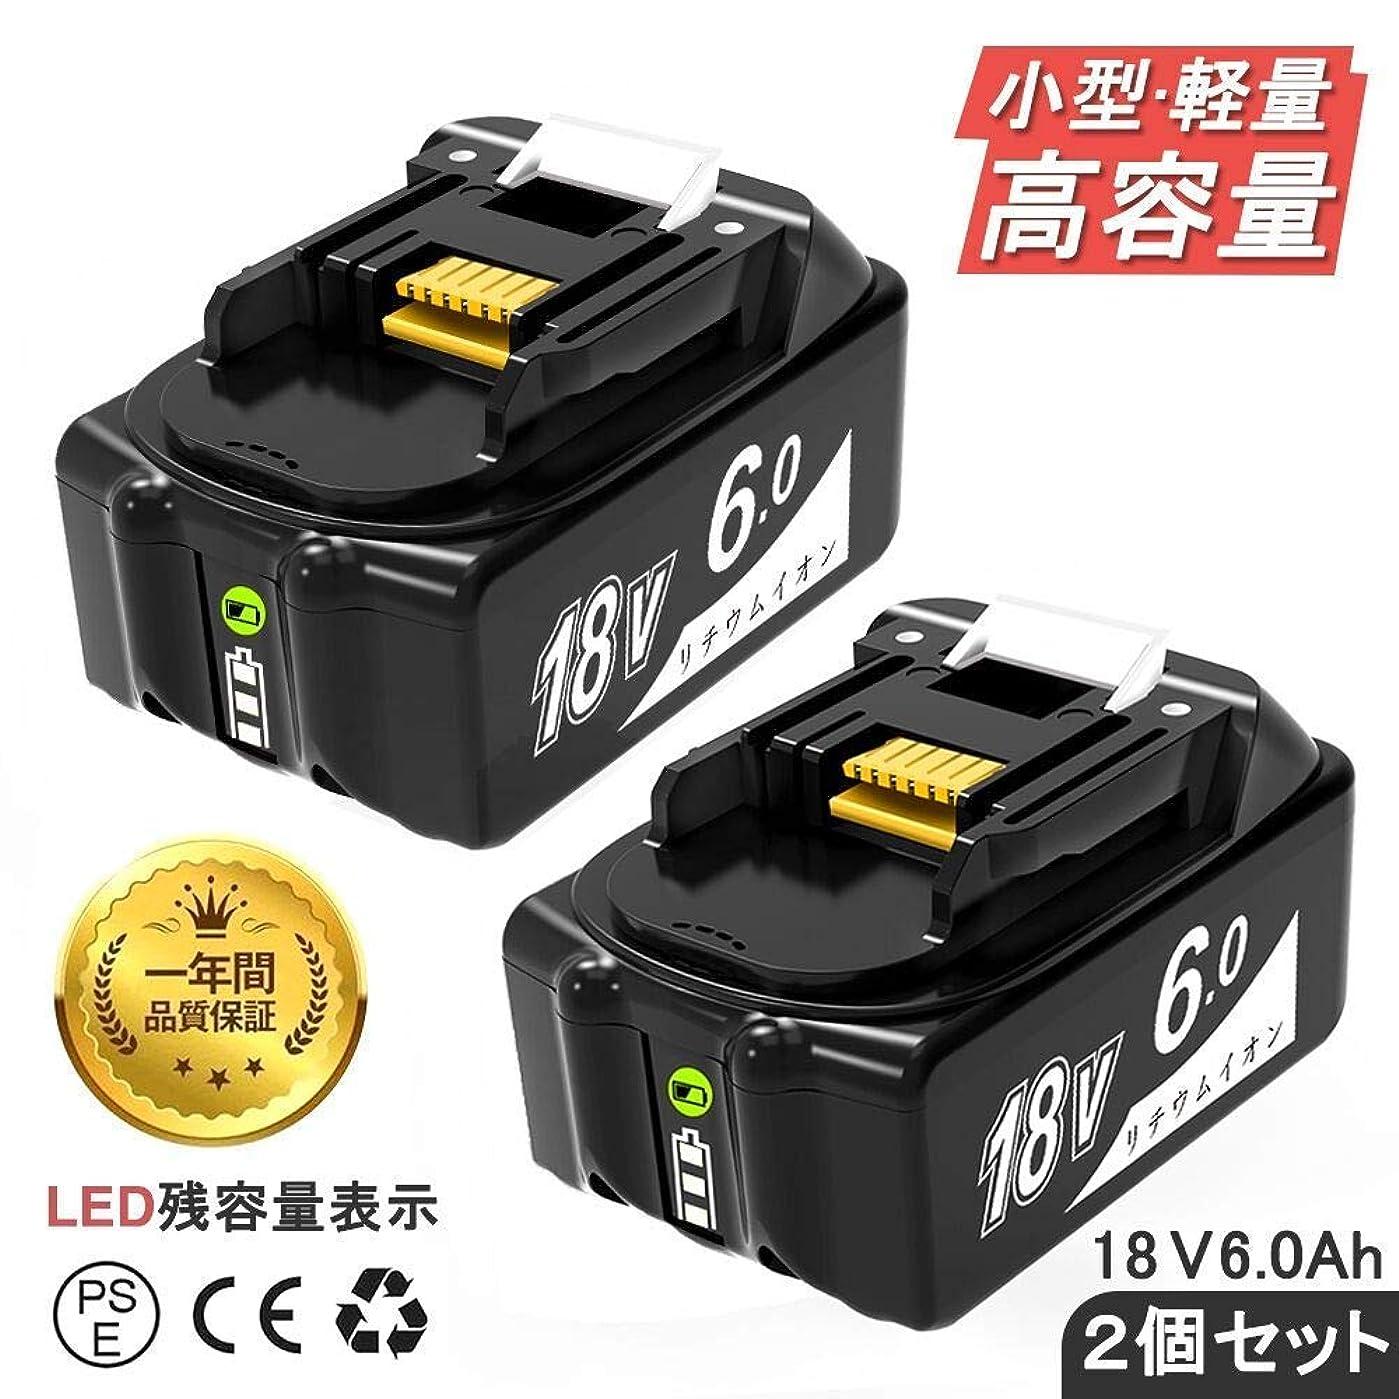 打ち負かす観察する副産物マキタ 18v バッテリー BL1860B 互換 WASPT マキタ電動工具用 互換バッテリー 2個セット 電池残量表示機能付き 一年保証PSE認証済